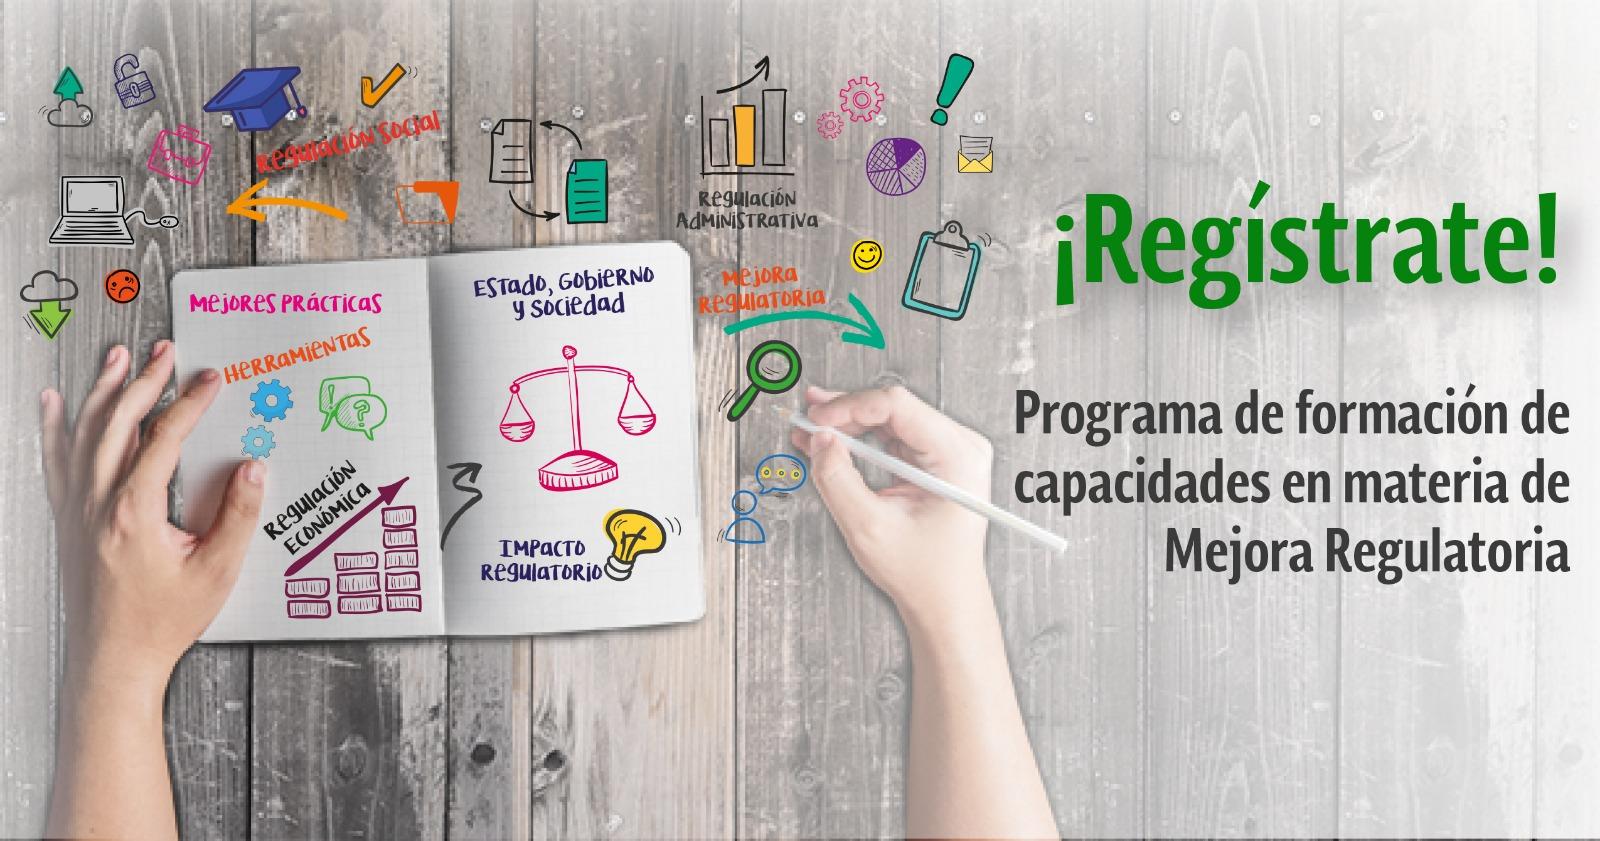 Regístrate al Programa de formación de capacidades en materia de Mejora Regulatoria